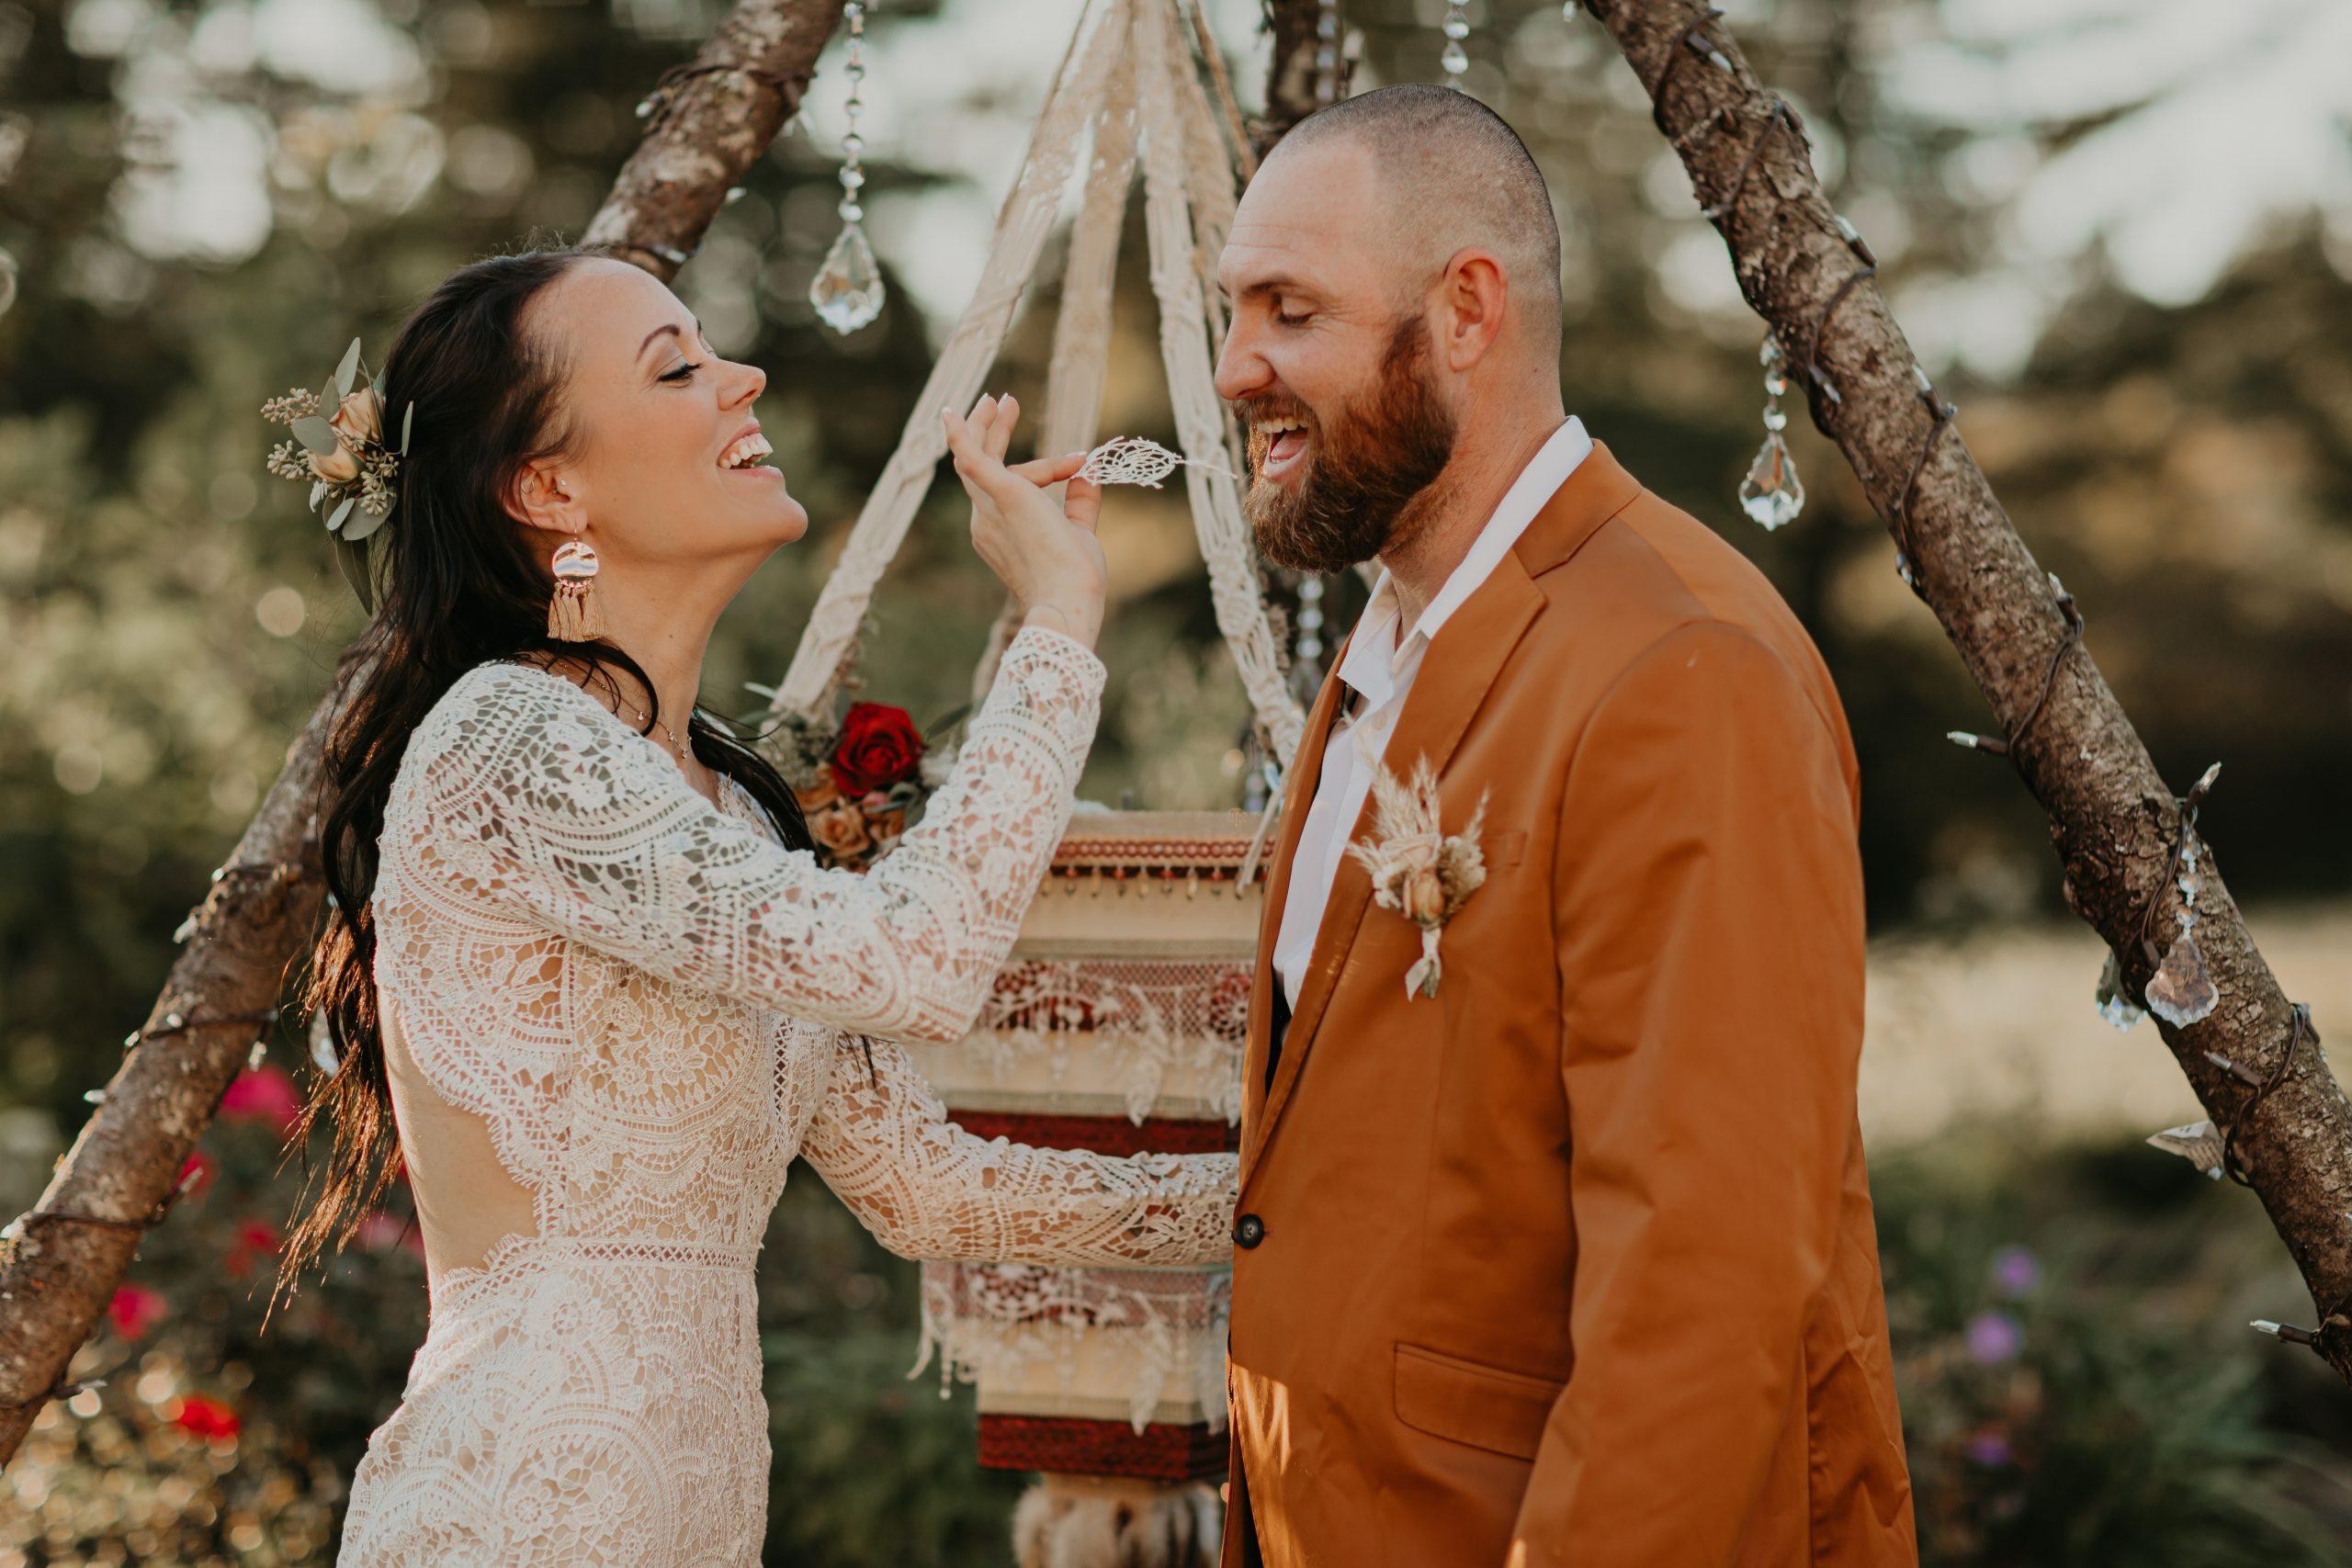 bride and groom, boho bride, boho wedding, bohemian wedding, bohemian outdoor wedding